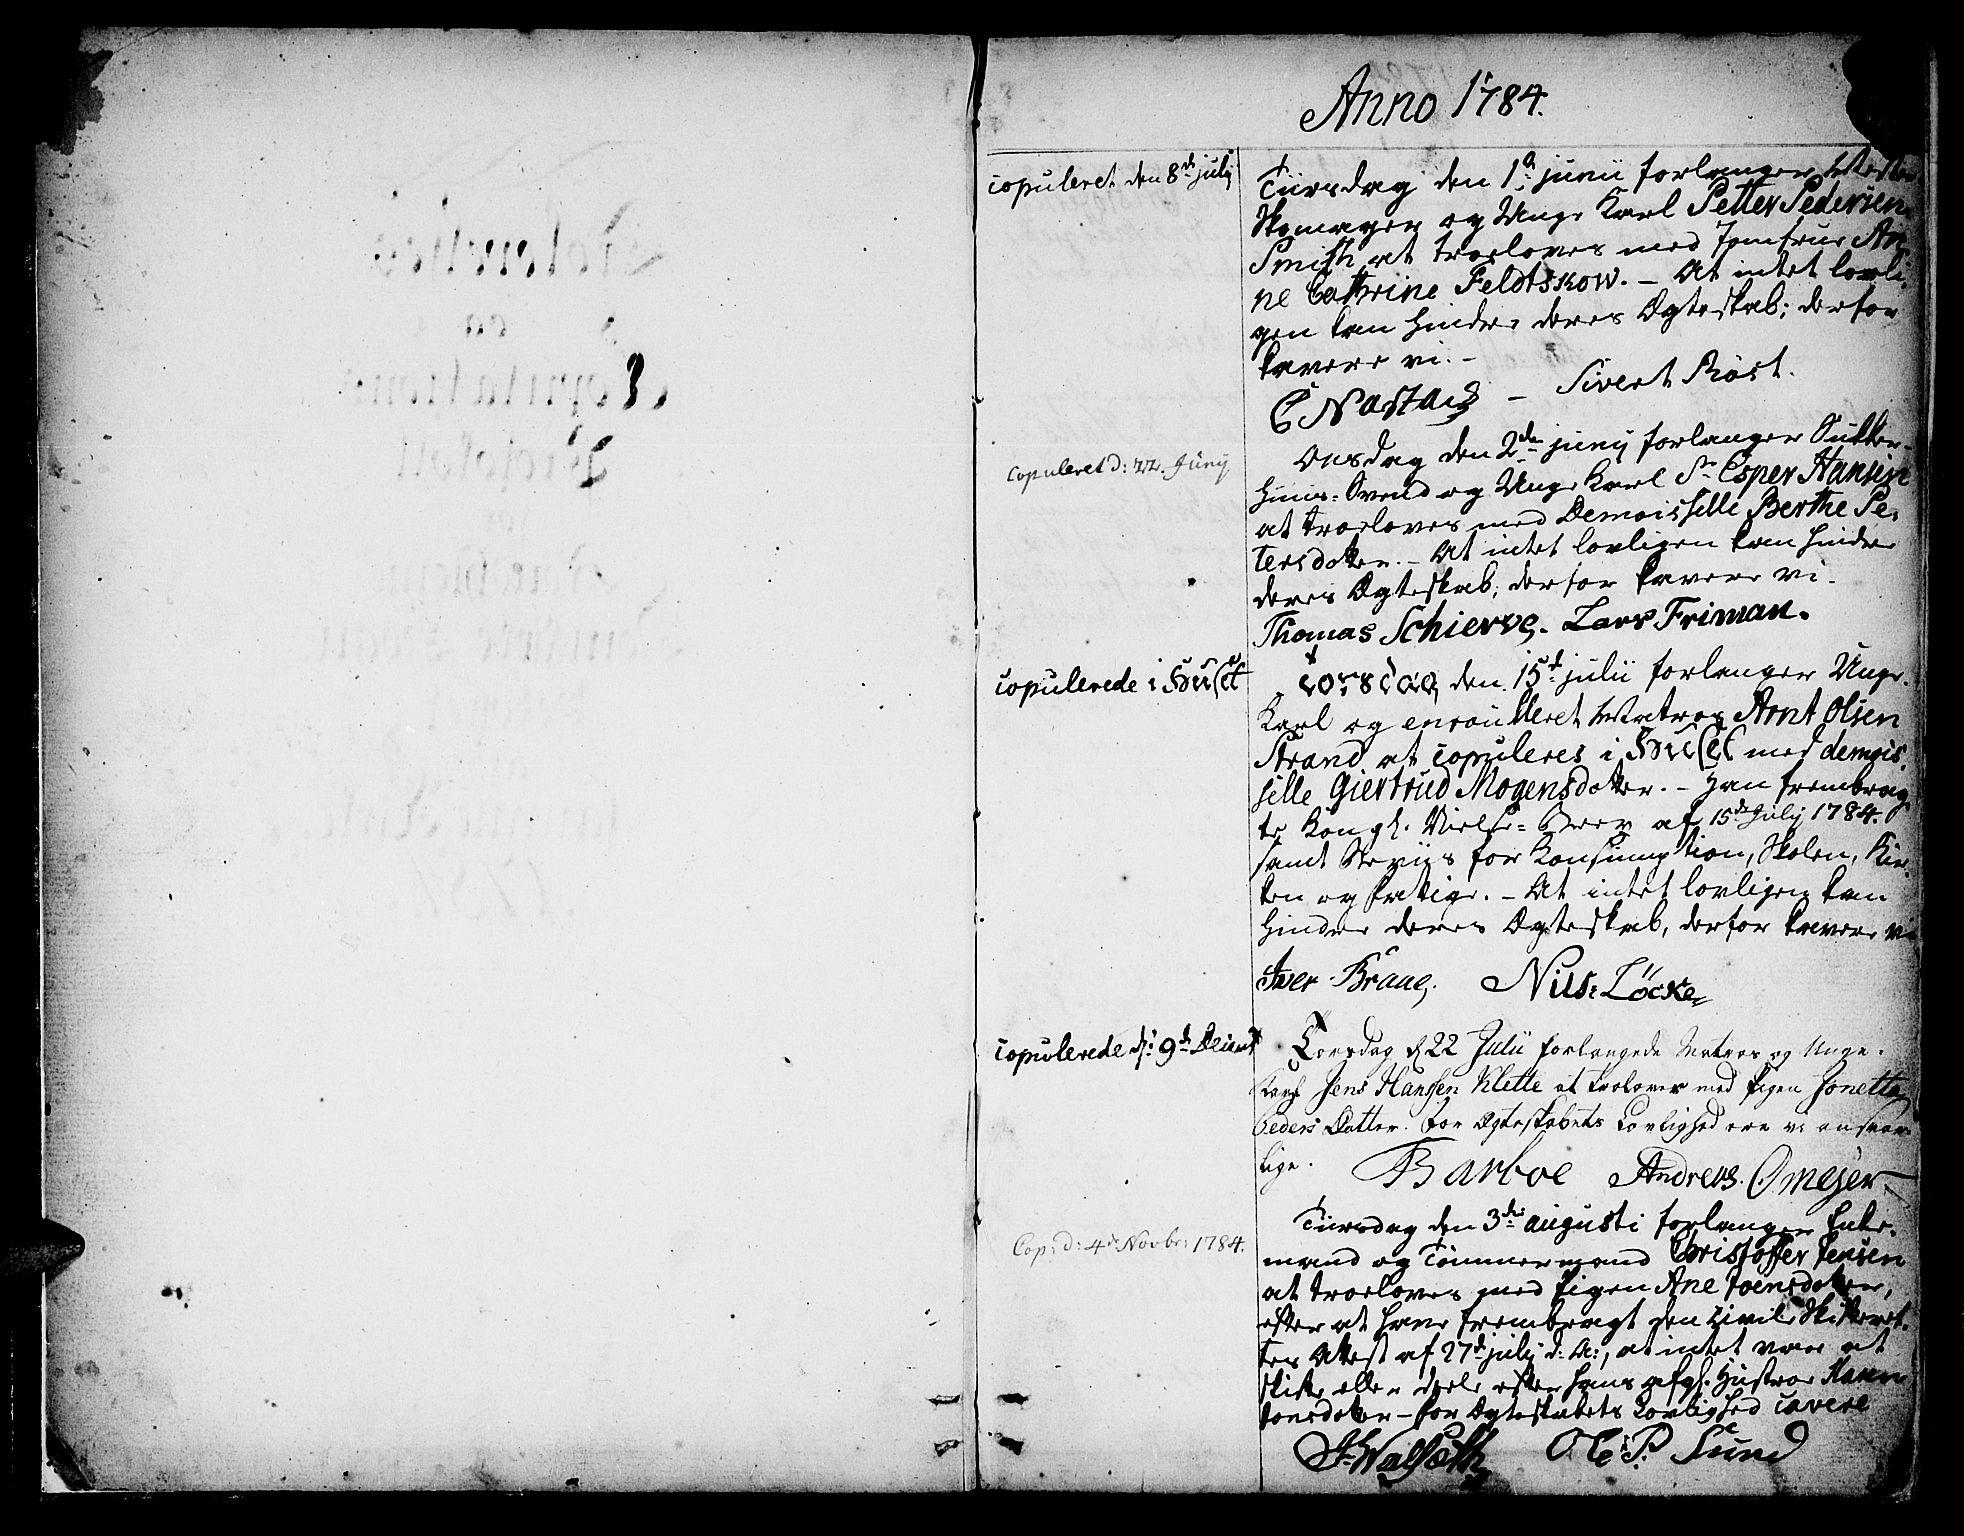 SAT, Ministerialprotokoller, klokkerbøker og fødselsregistre - Sør-Trøndelag, 601/L0041: Ministerialbok nr. 601A09, 1784-1801, s. 2